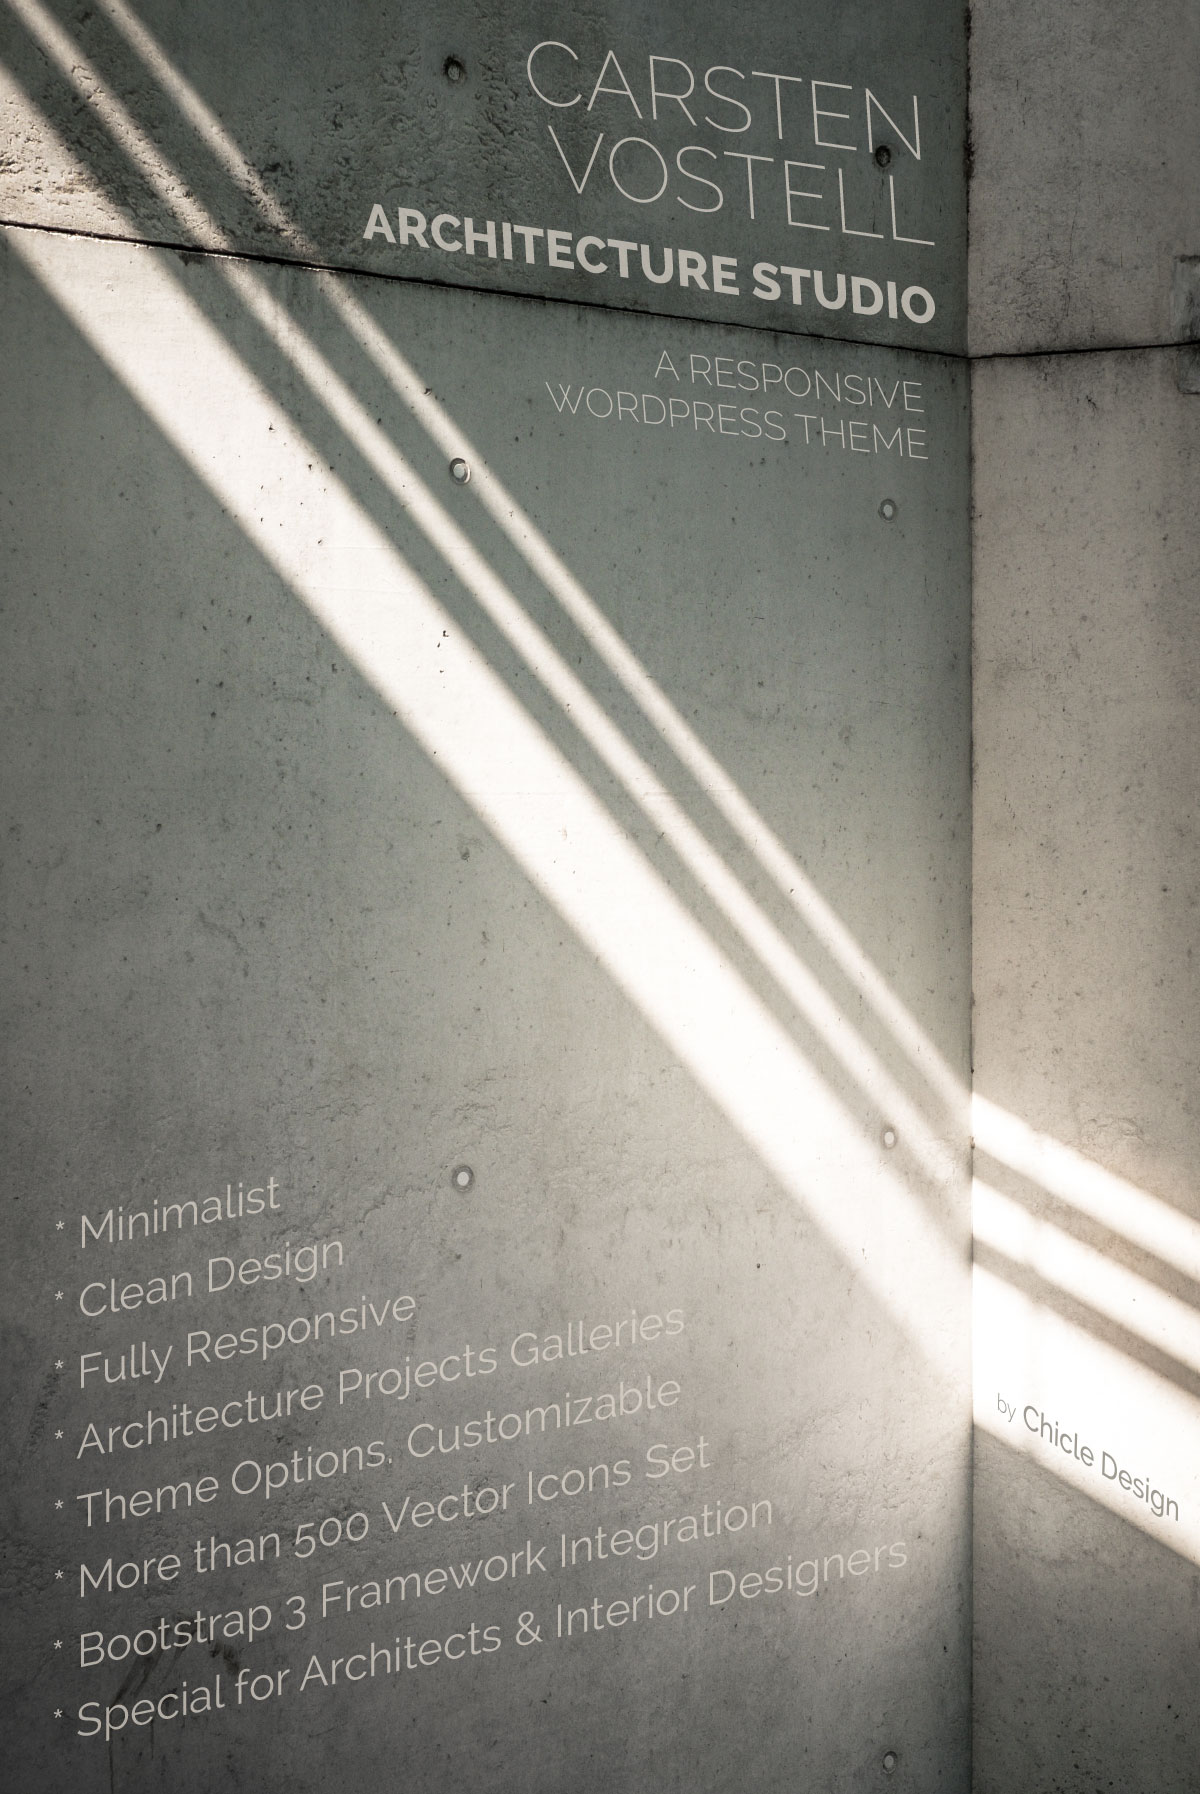 architecture-presentation-1200.jpg